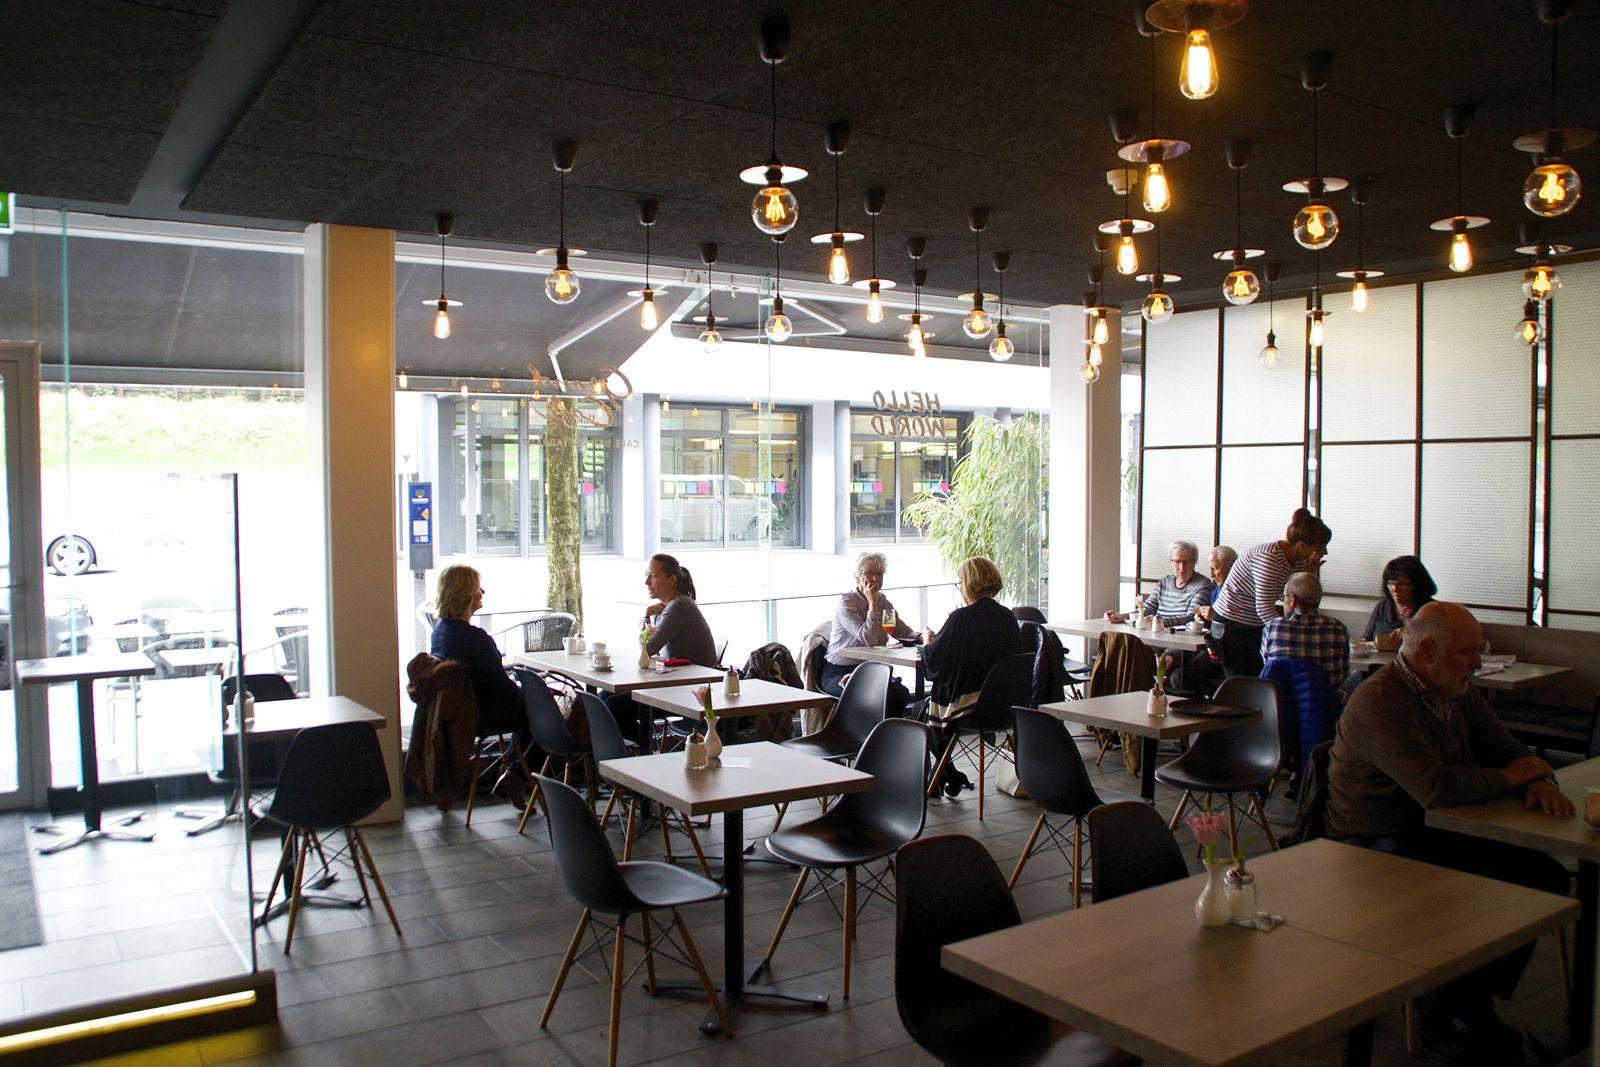 Der neu mit speziellen Lampen gestaltete Café-Teil des Lokals. Hier kann neu von Mittwoch bis Samstag abends gegessen werden.